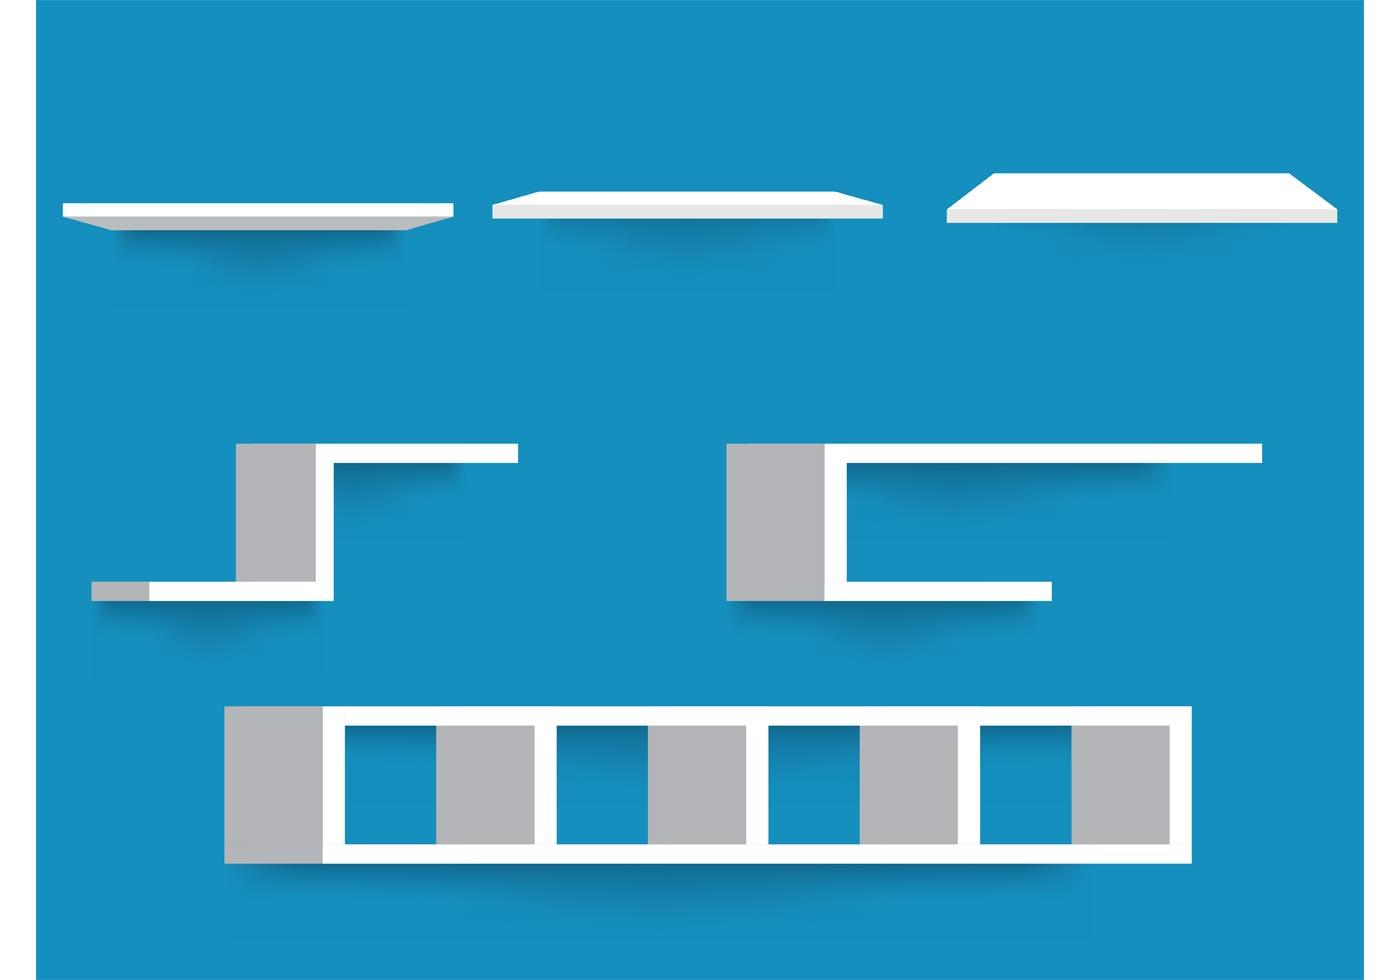 Free Vector 3d Shelves Download Free Vectors Clipart